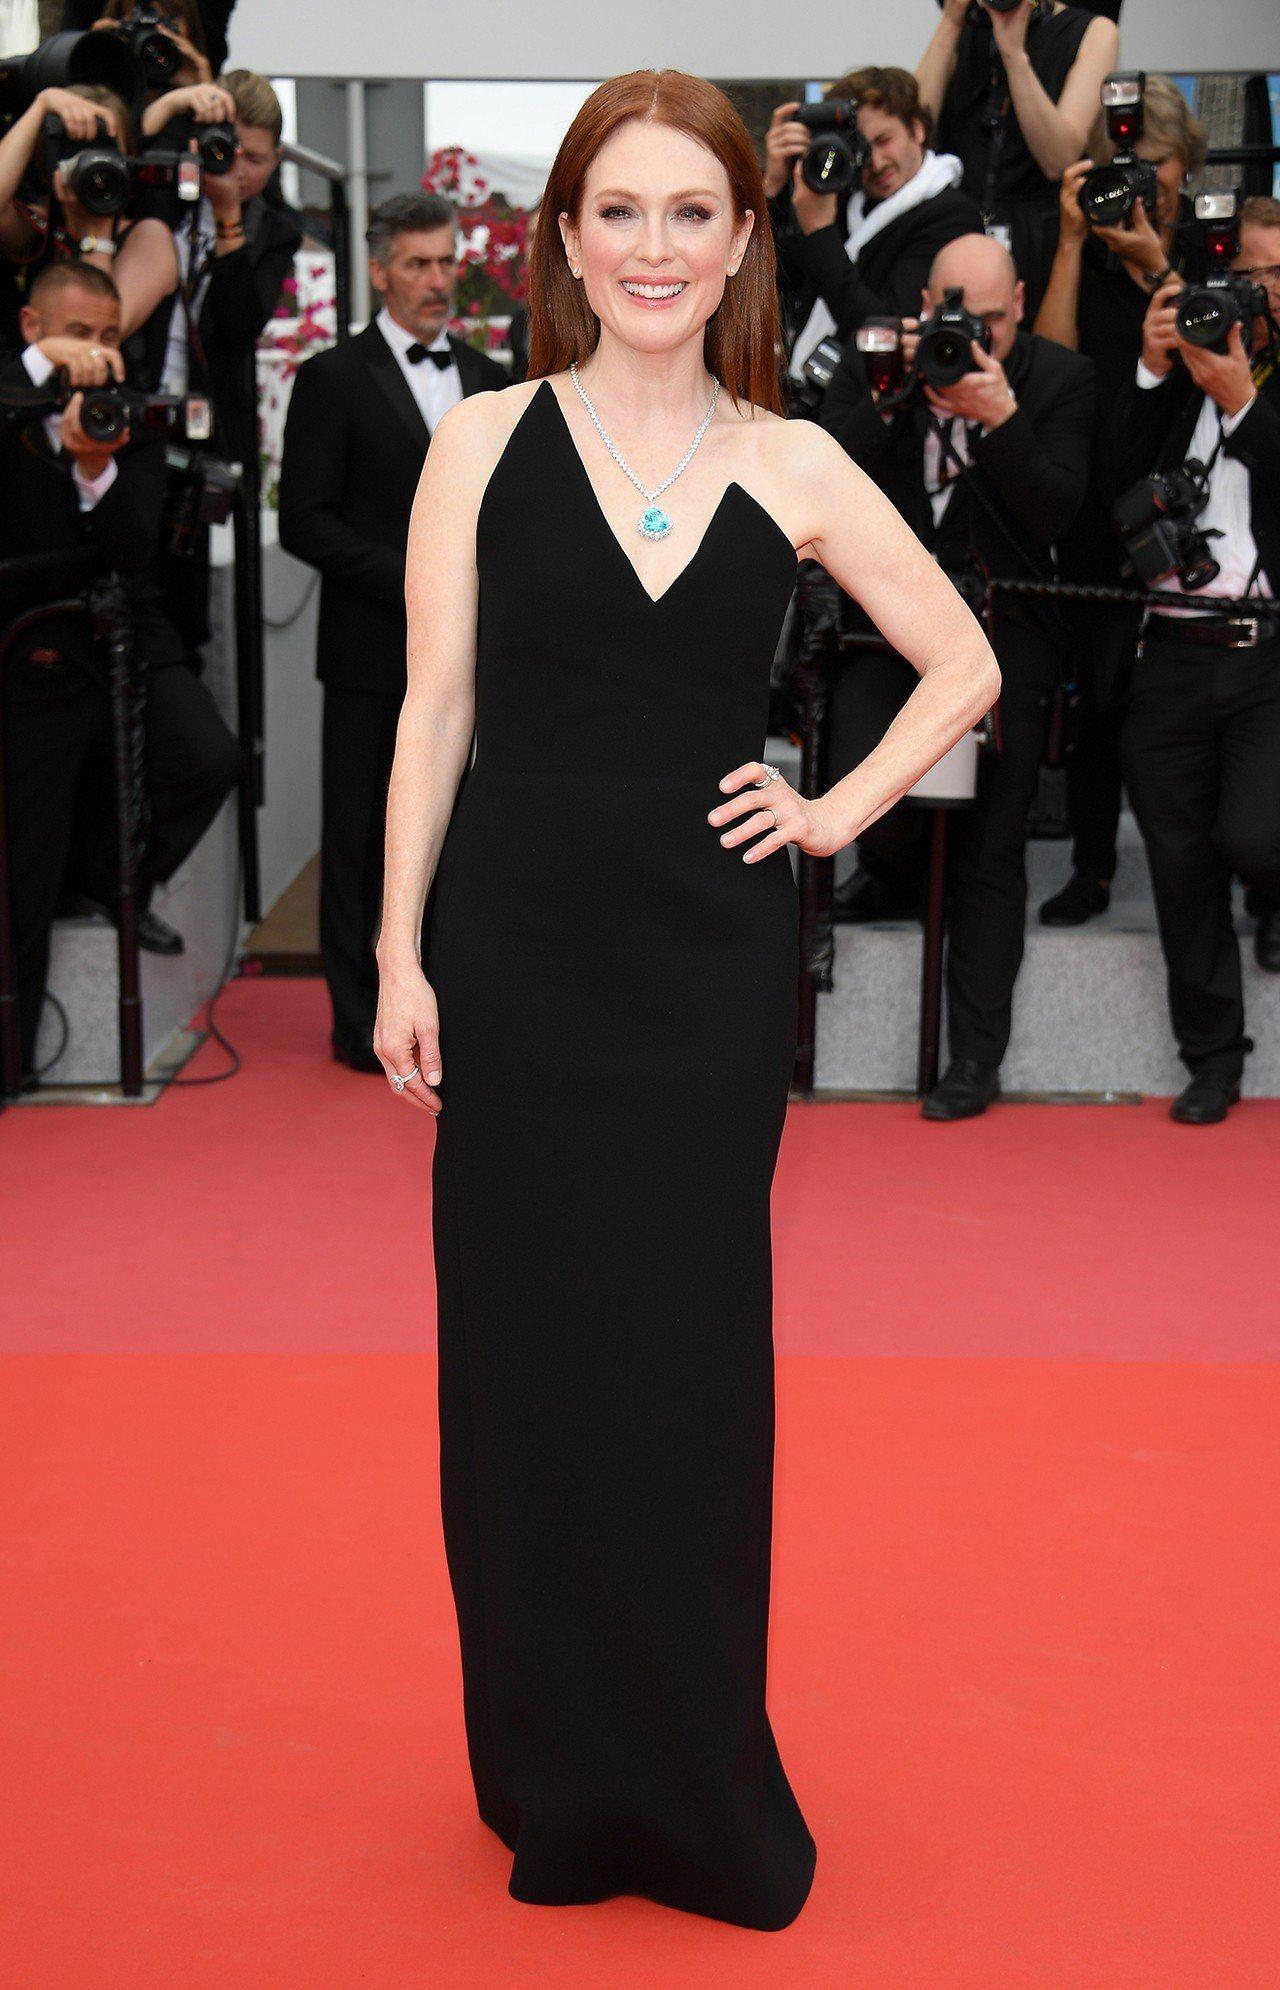 茱莉安摩爾穿上Saint Laurent秋冬黑色禮服出席《審判日Yomeddin...